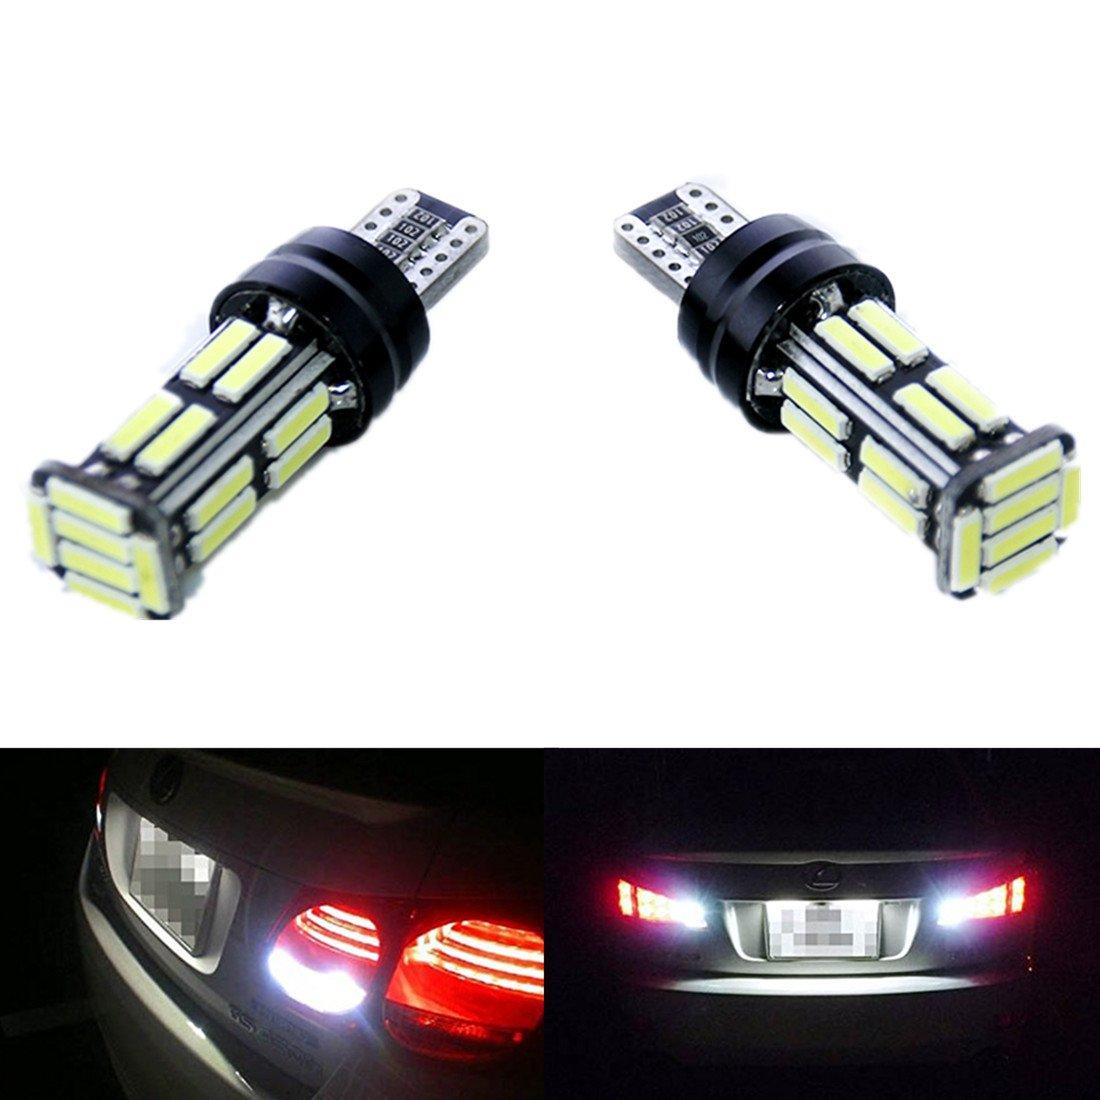 FEZZ 2PCS CANBUS luci lampadine LED Declino W16W 921 T15 7020 22SMD lampeggiante posteriore Auto Car FZ0014